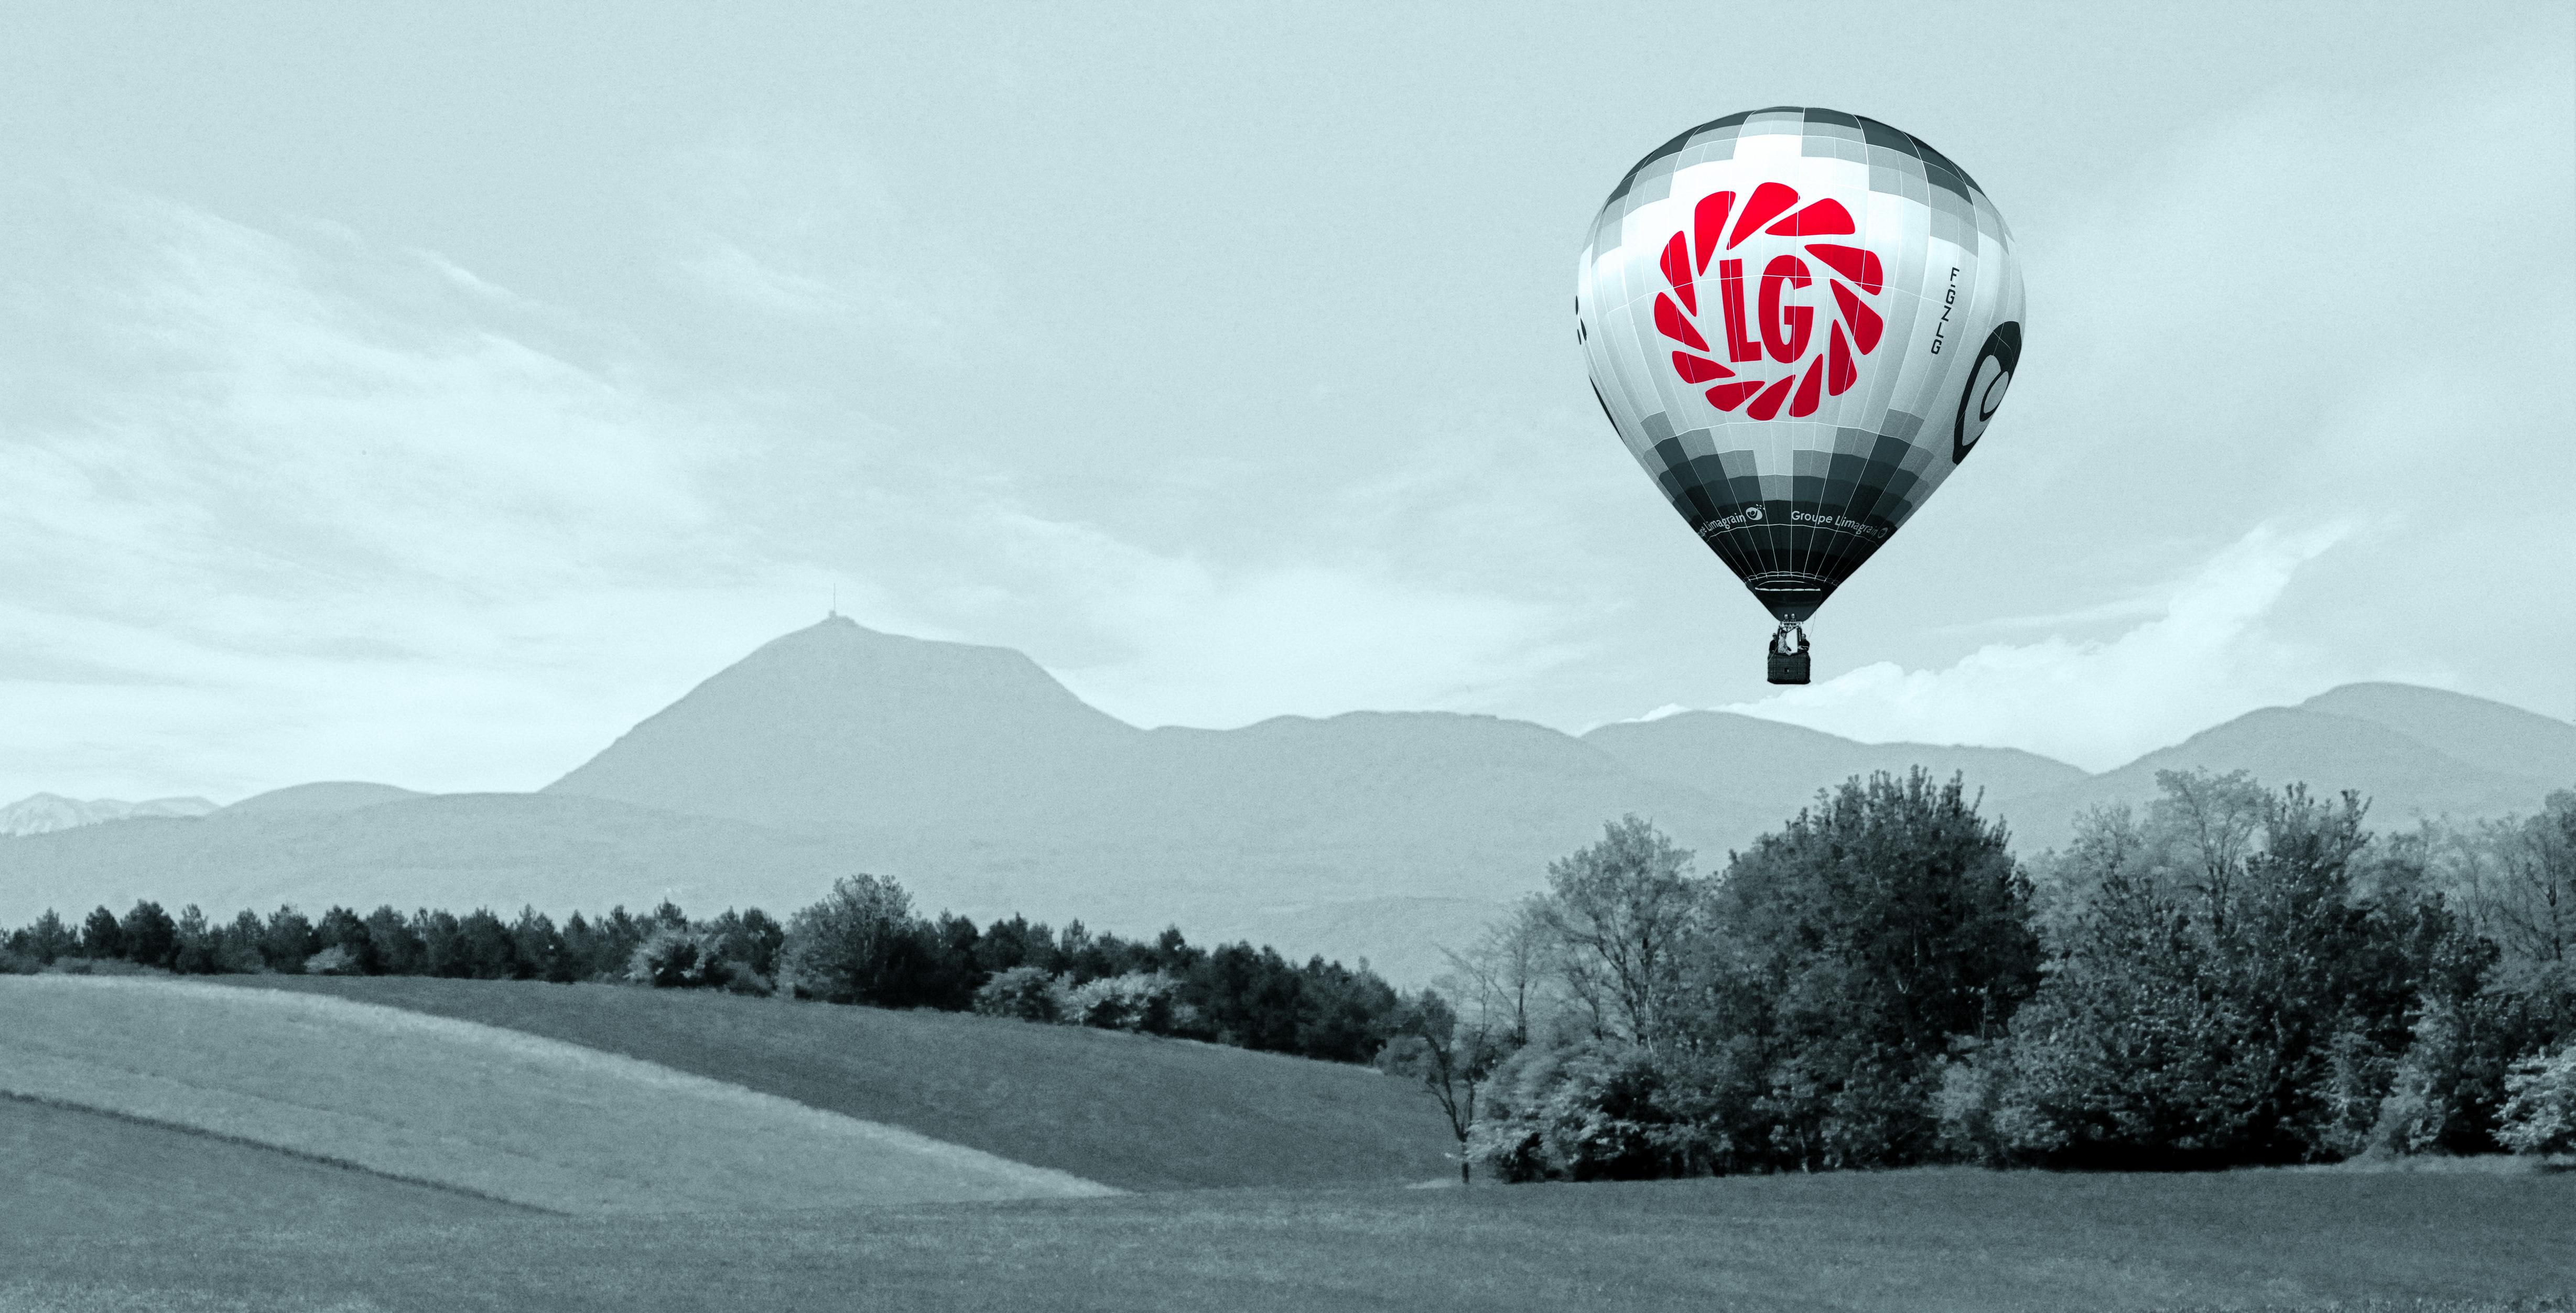 LG ballon over Limagne